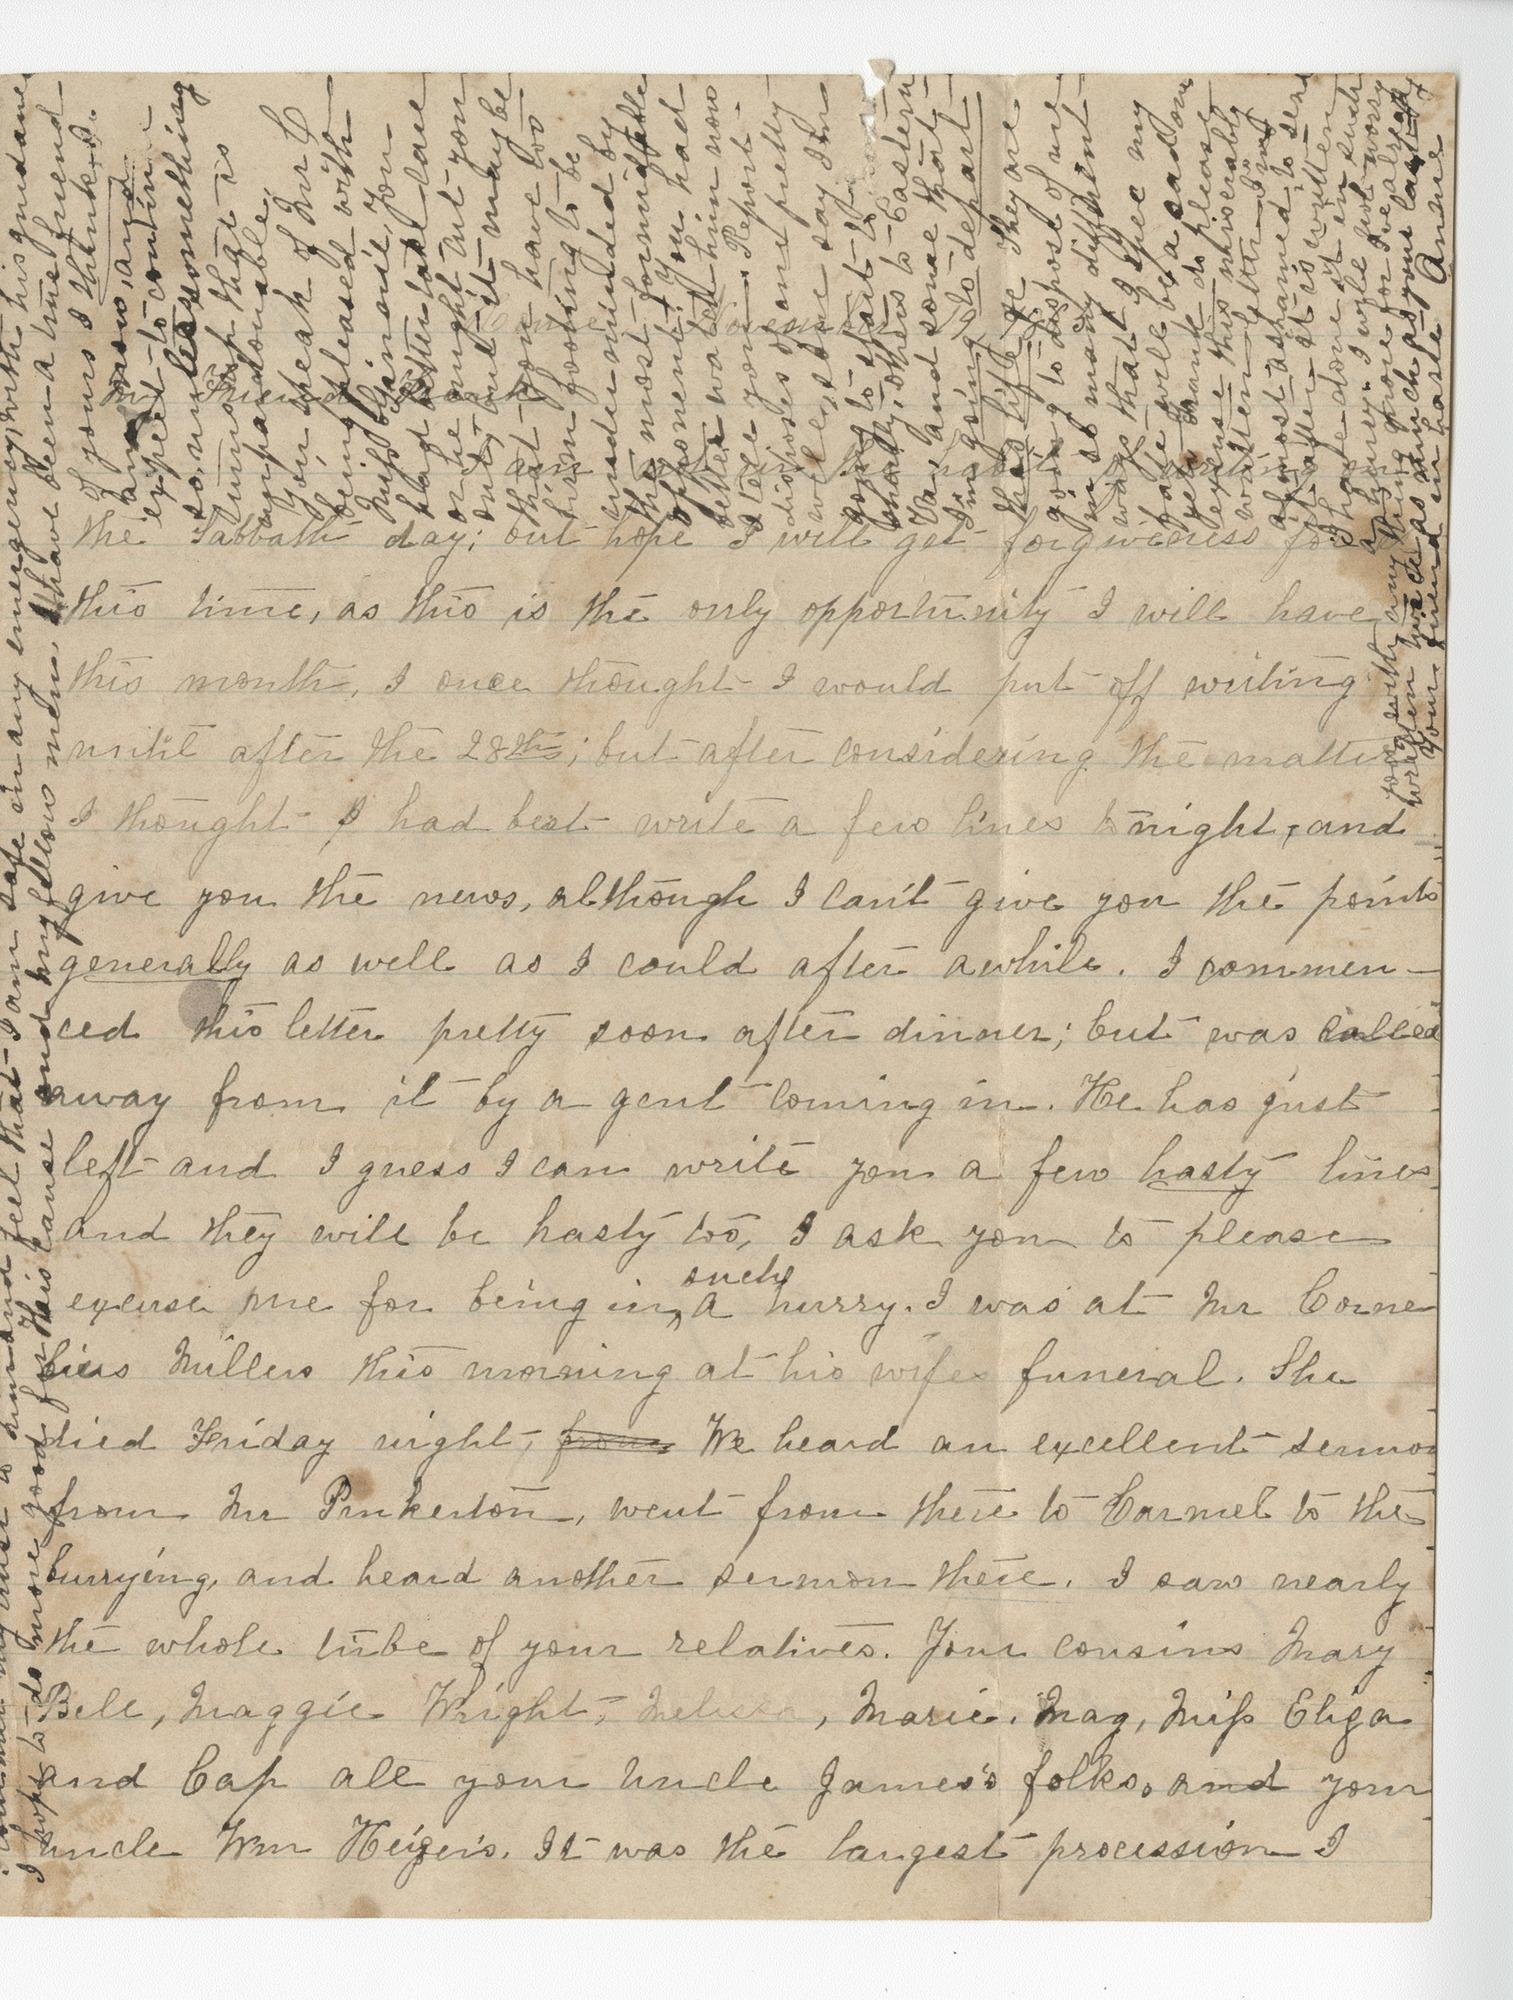 Ms2016-013_HeizerJames_Letter_1865_1119a.jpg